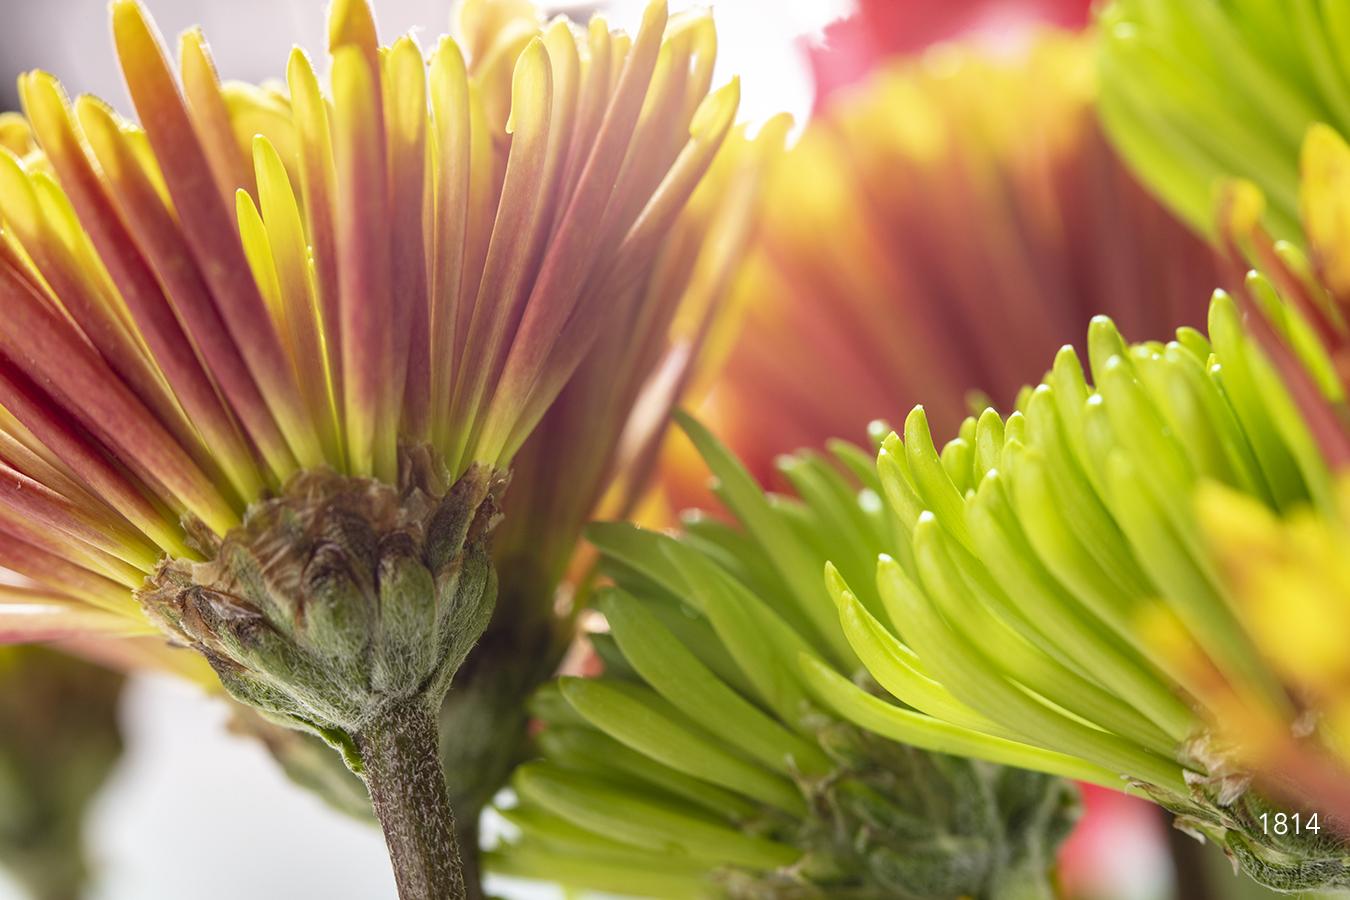 red green yellow chrysanthemum flower flowers bloom blooming